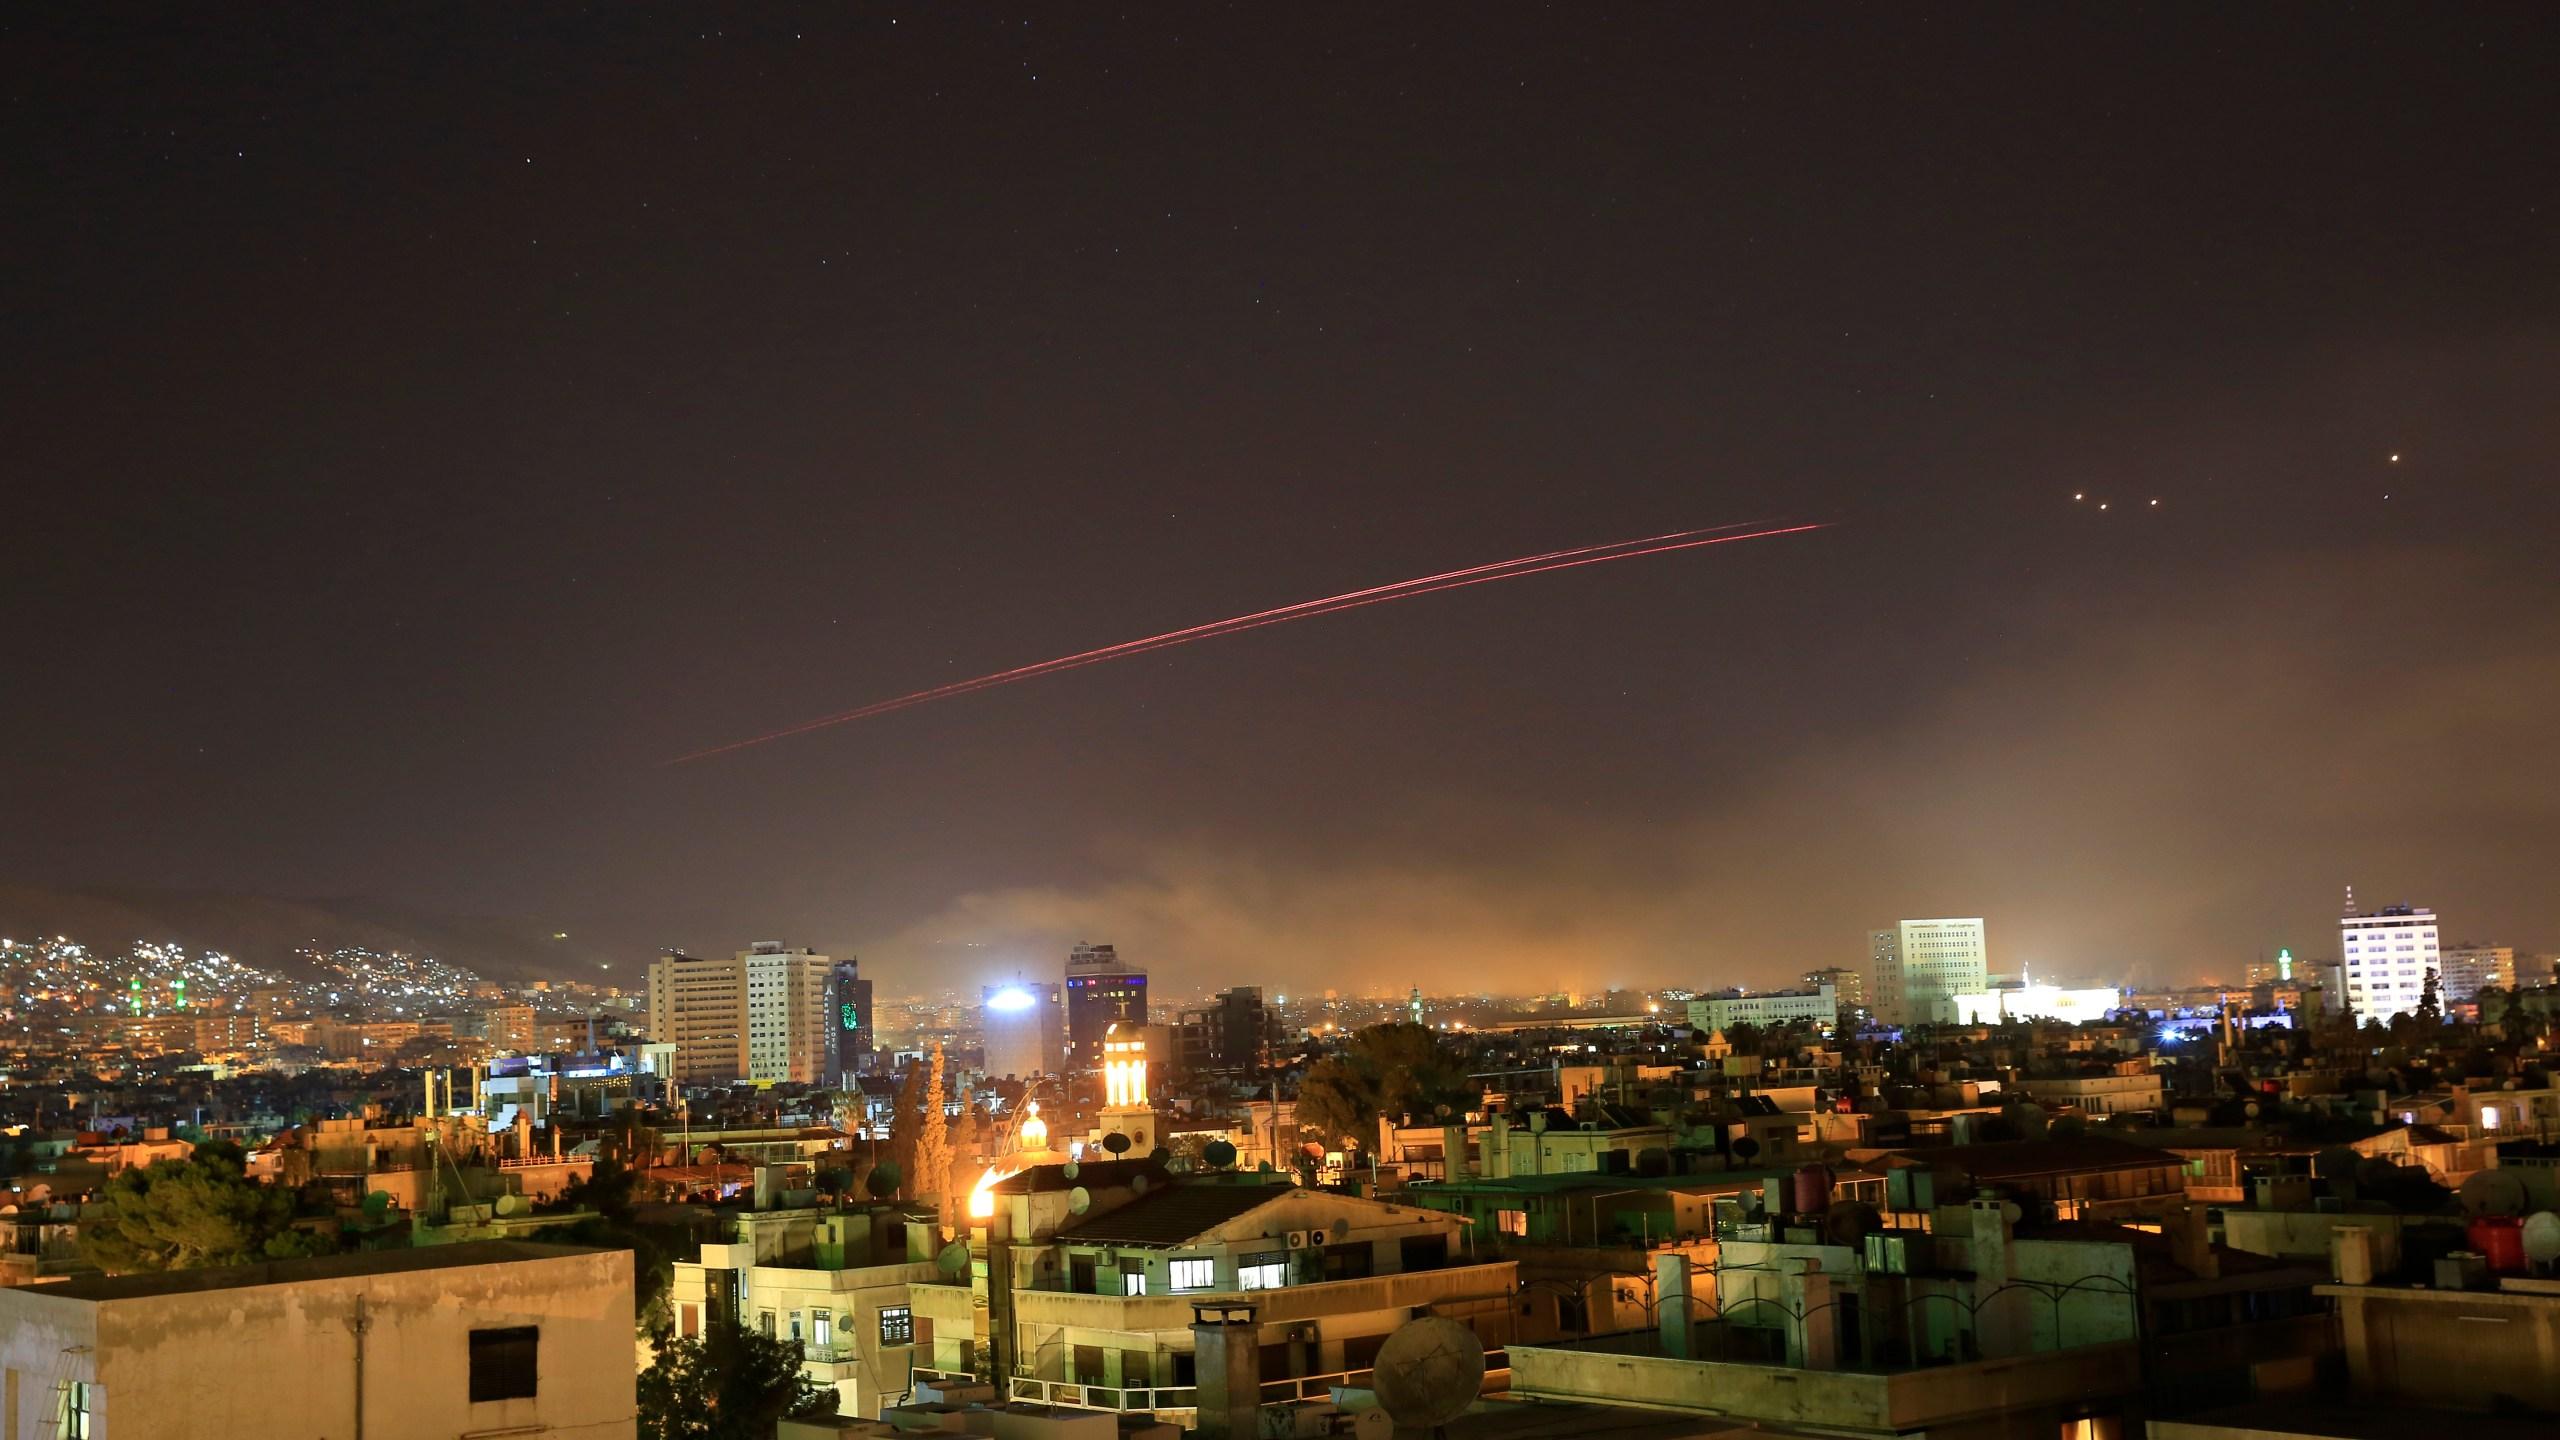 Syria_US_49859-159532.jpg30931232